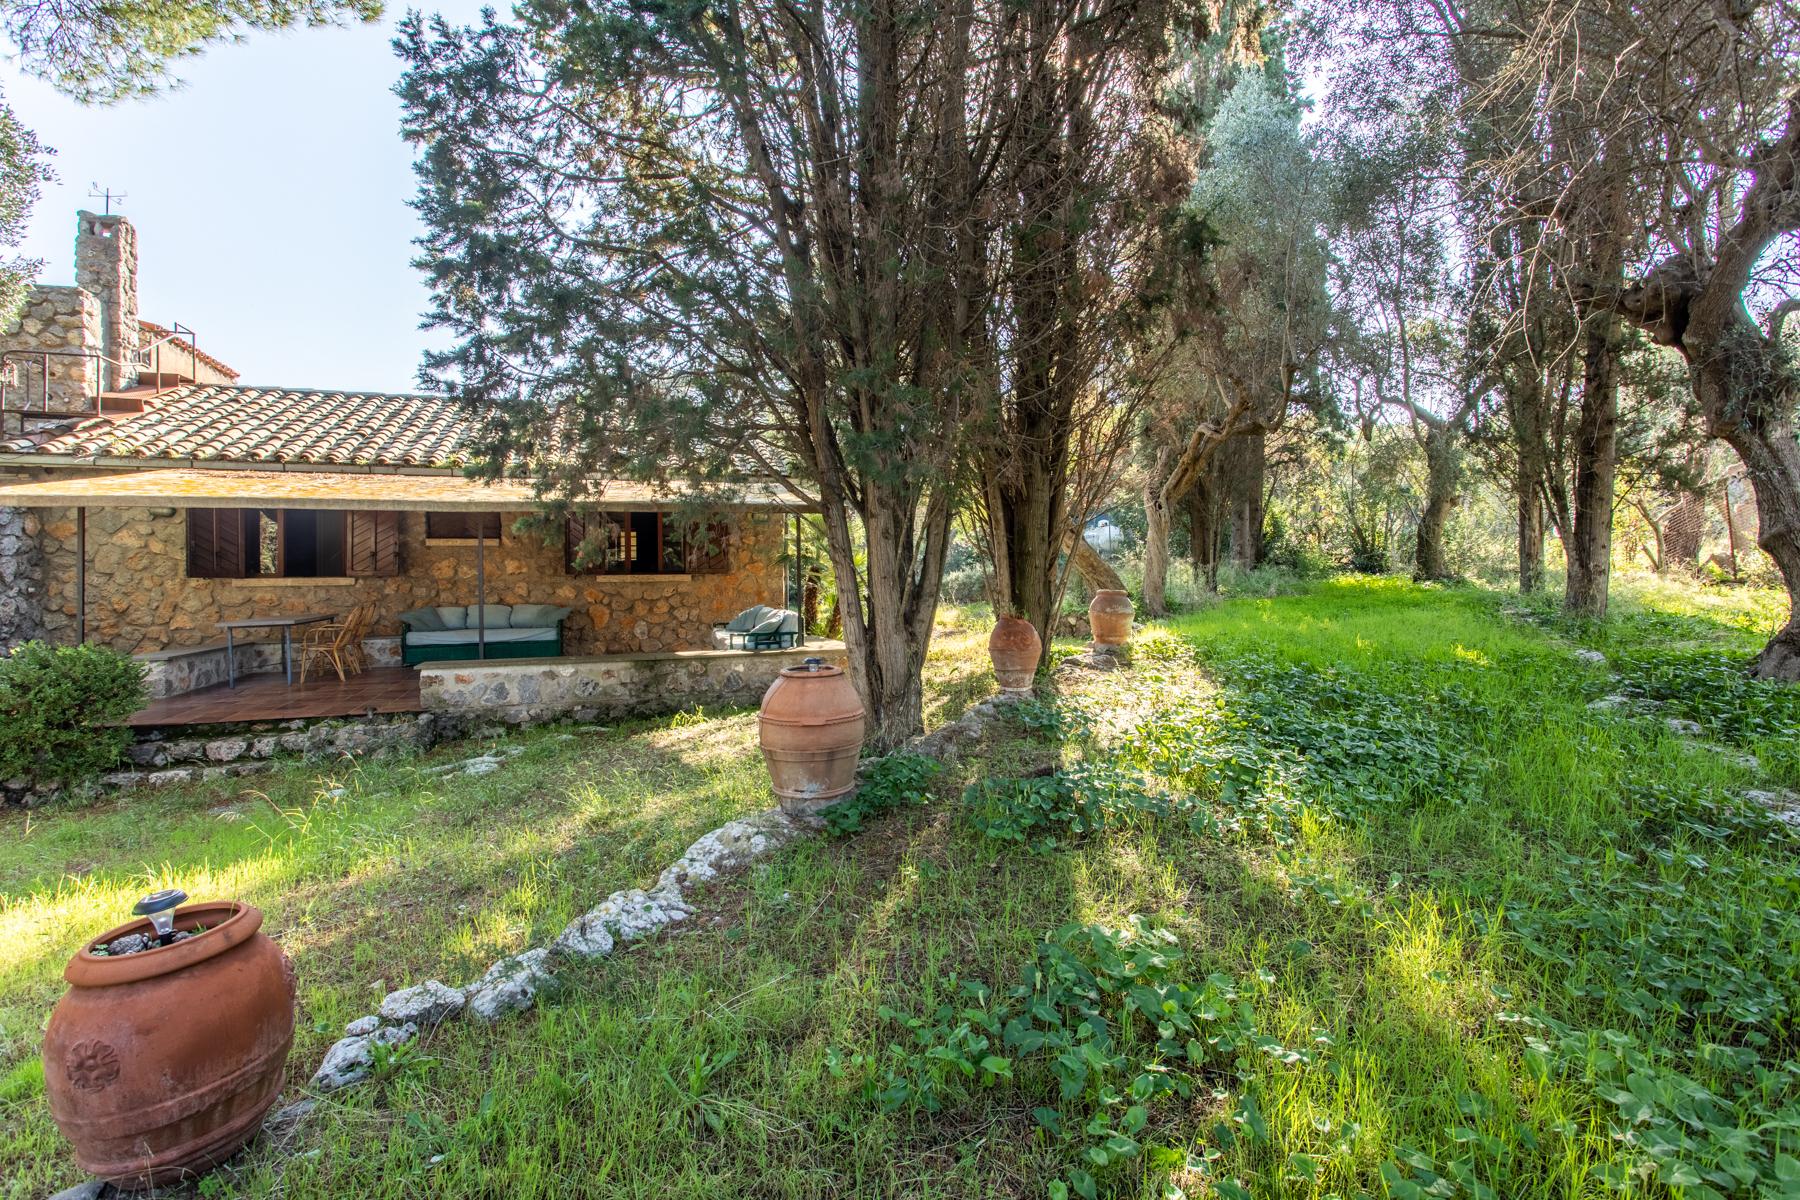 Villa in Vendita a Orbetello: 5 locali, 240 mq - Foto 10